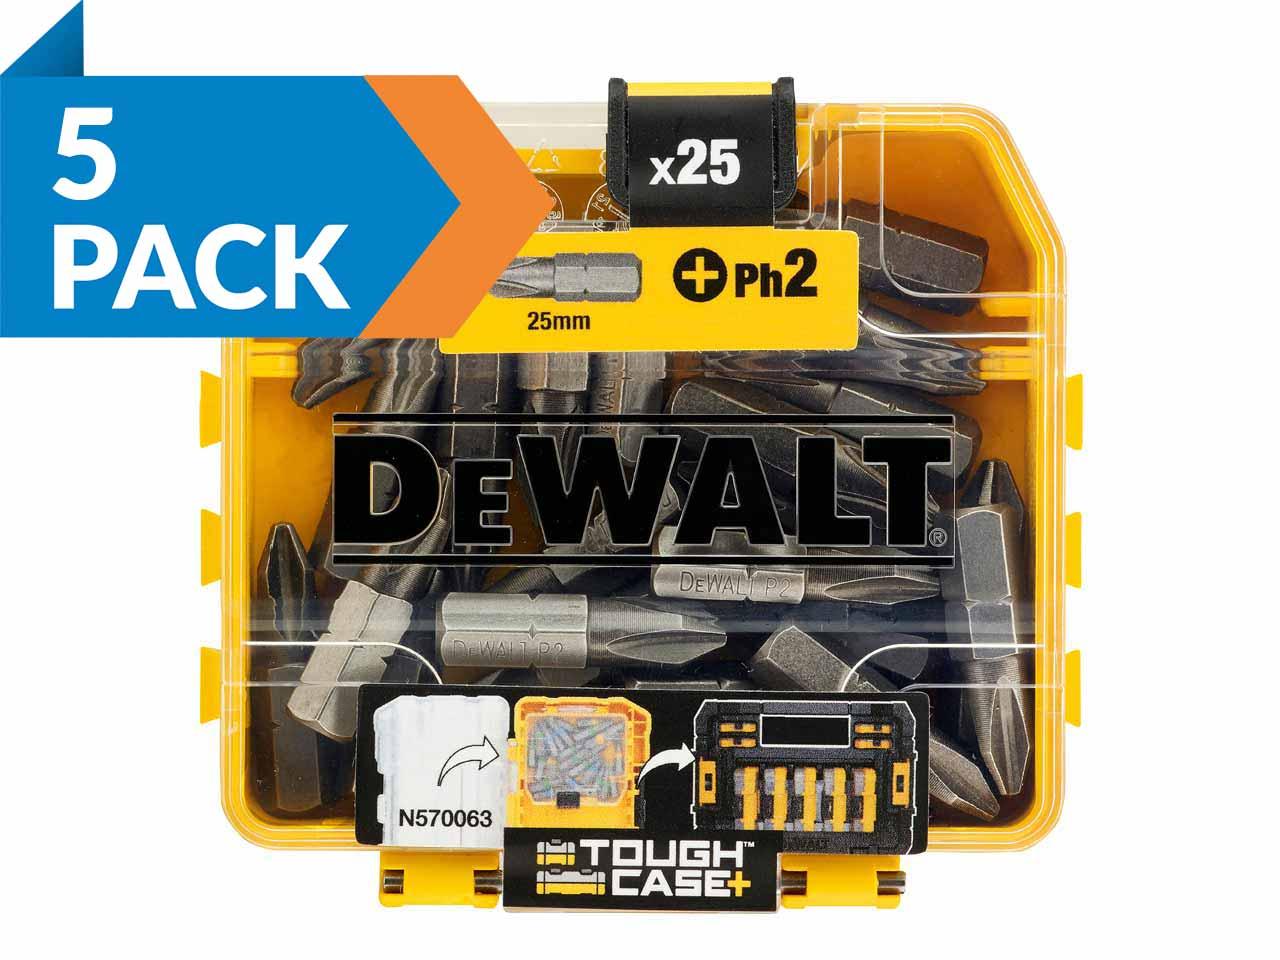 DeWalt_DT71522x5v2.jpg